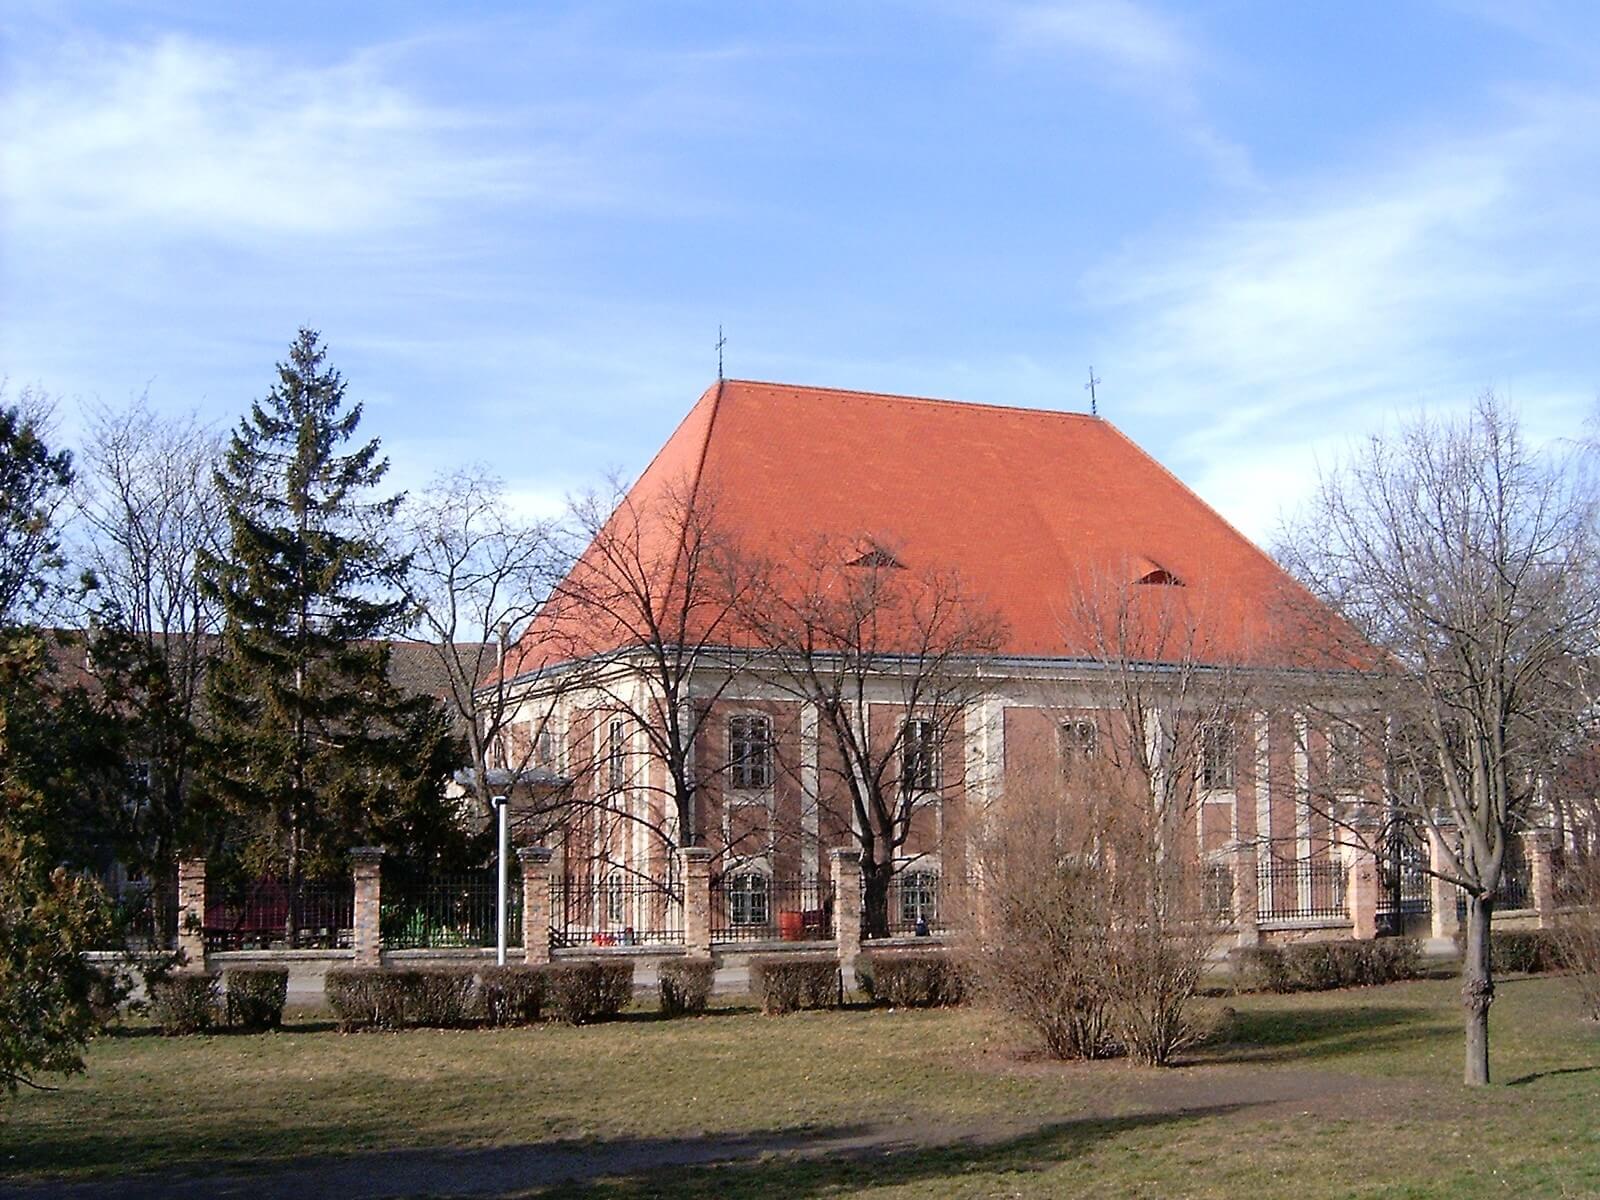 Elkészülhet a félezer éves évfordulóra a győri Lutheránus Sziget